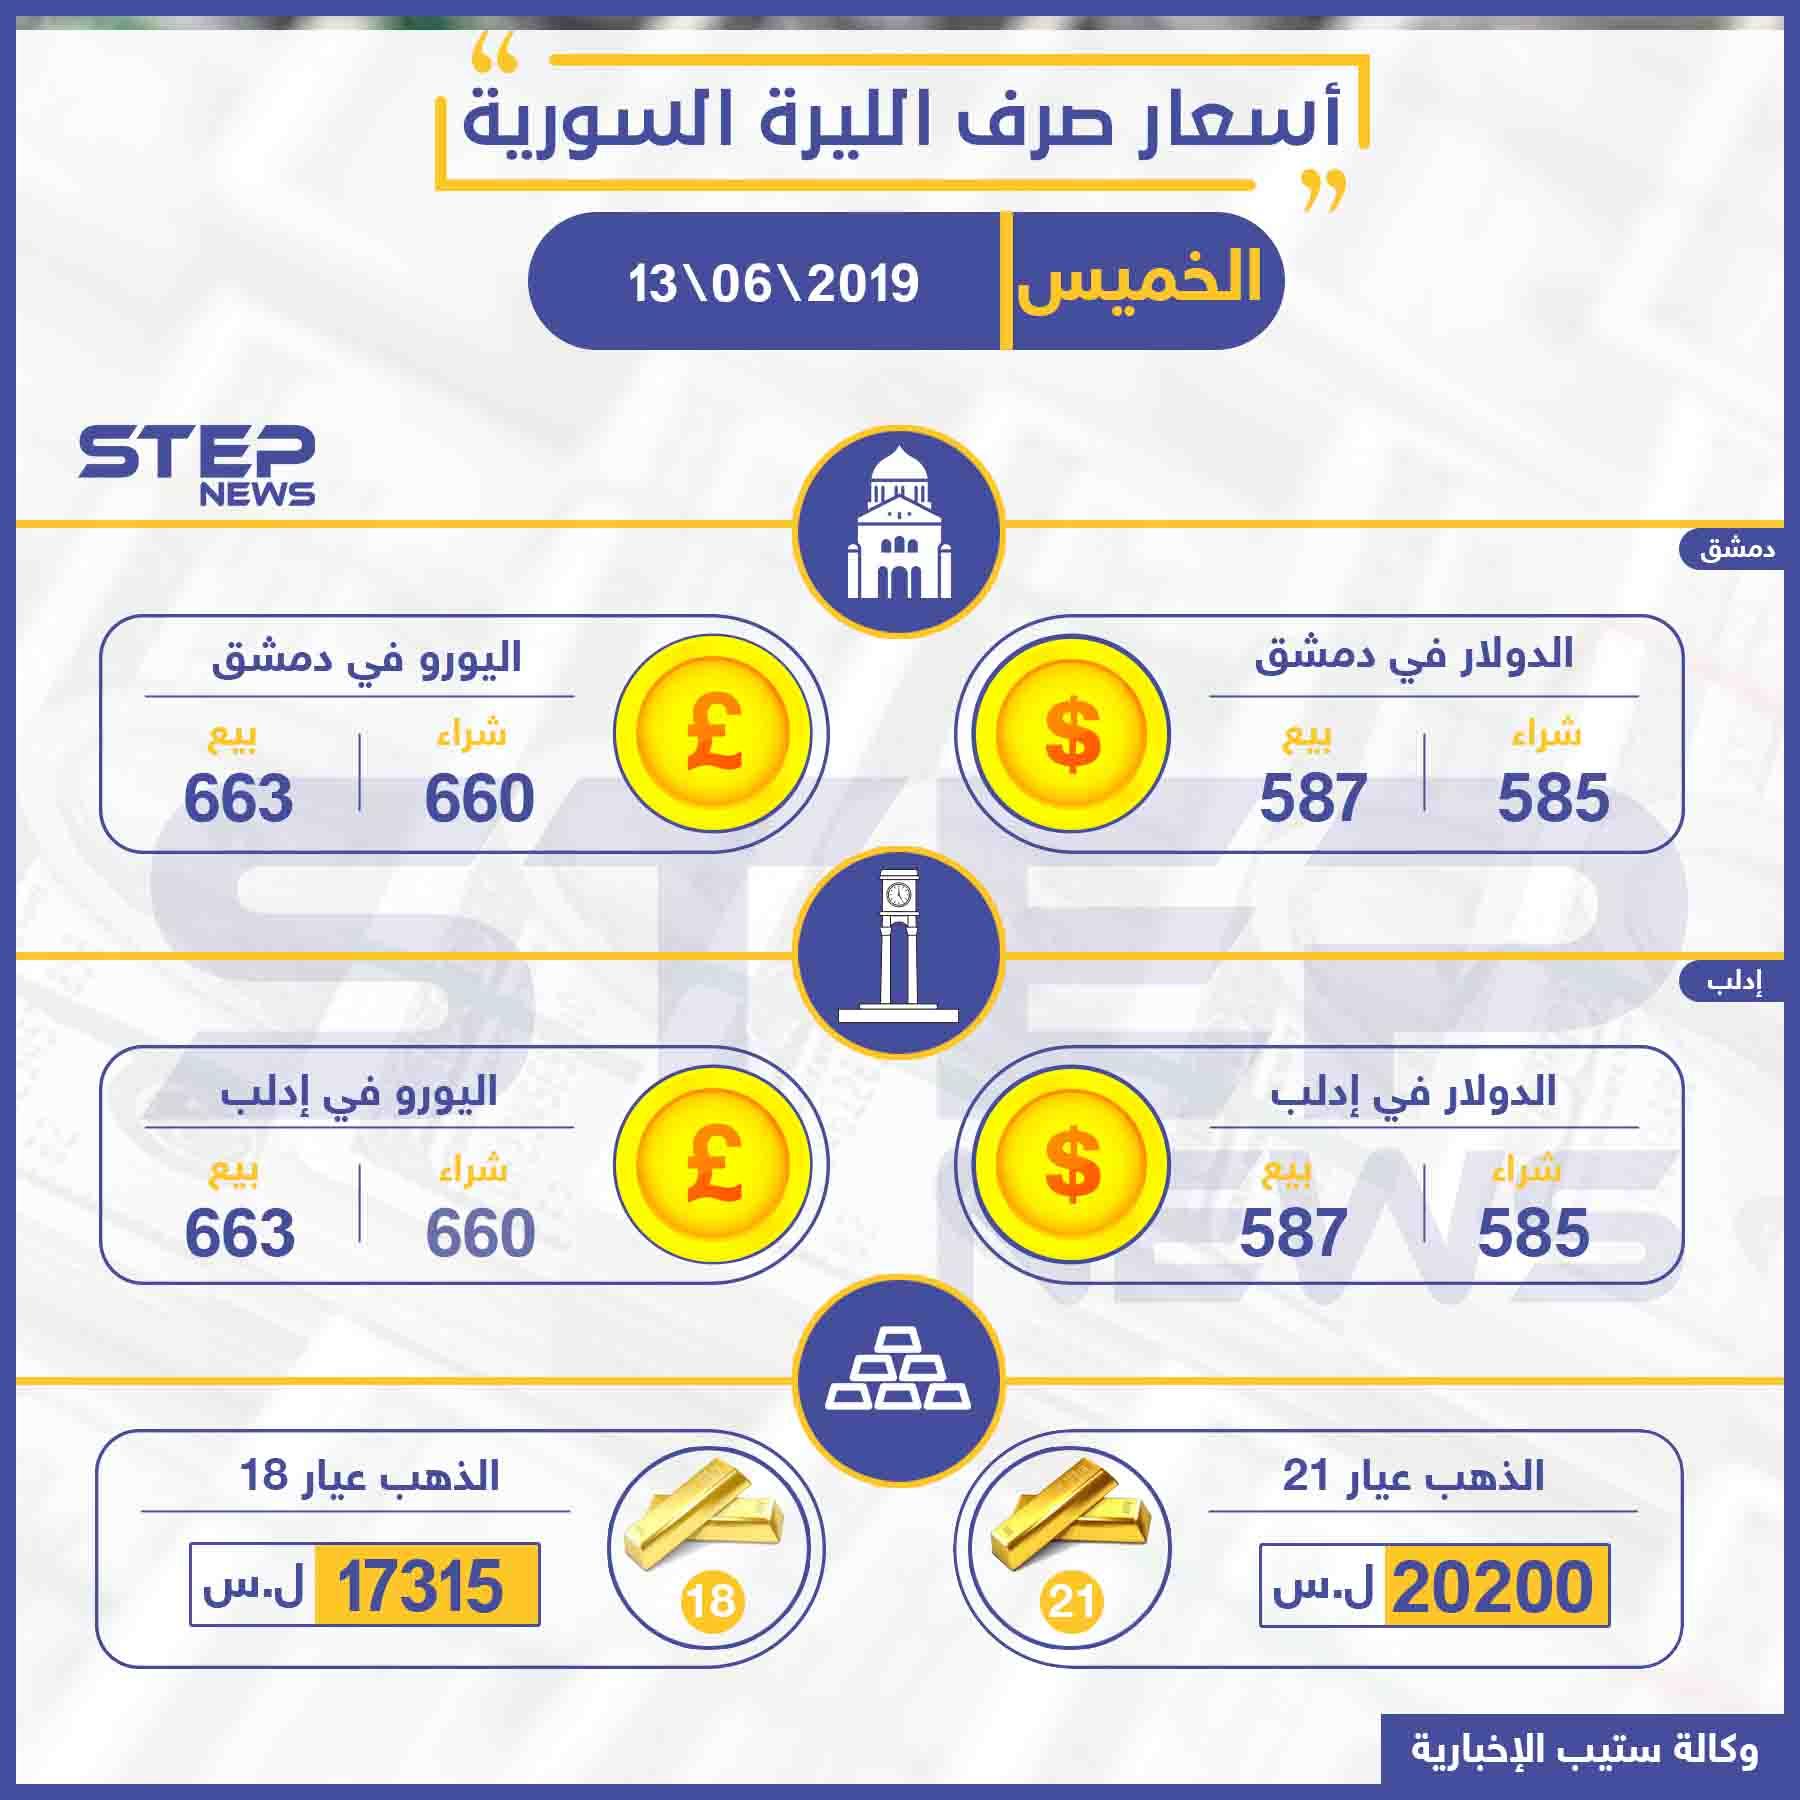 أسعار الذهب والعملات في سوريا اليوم 13-06-2019